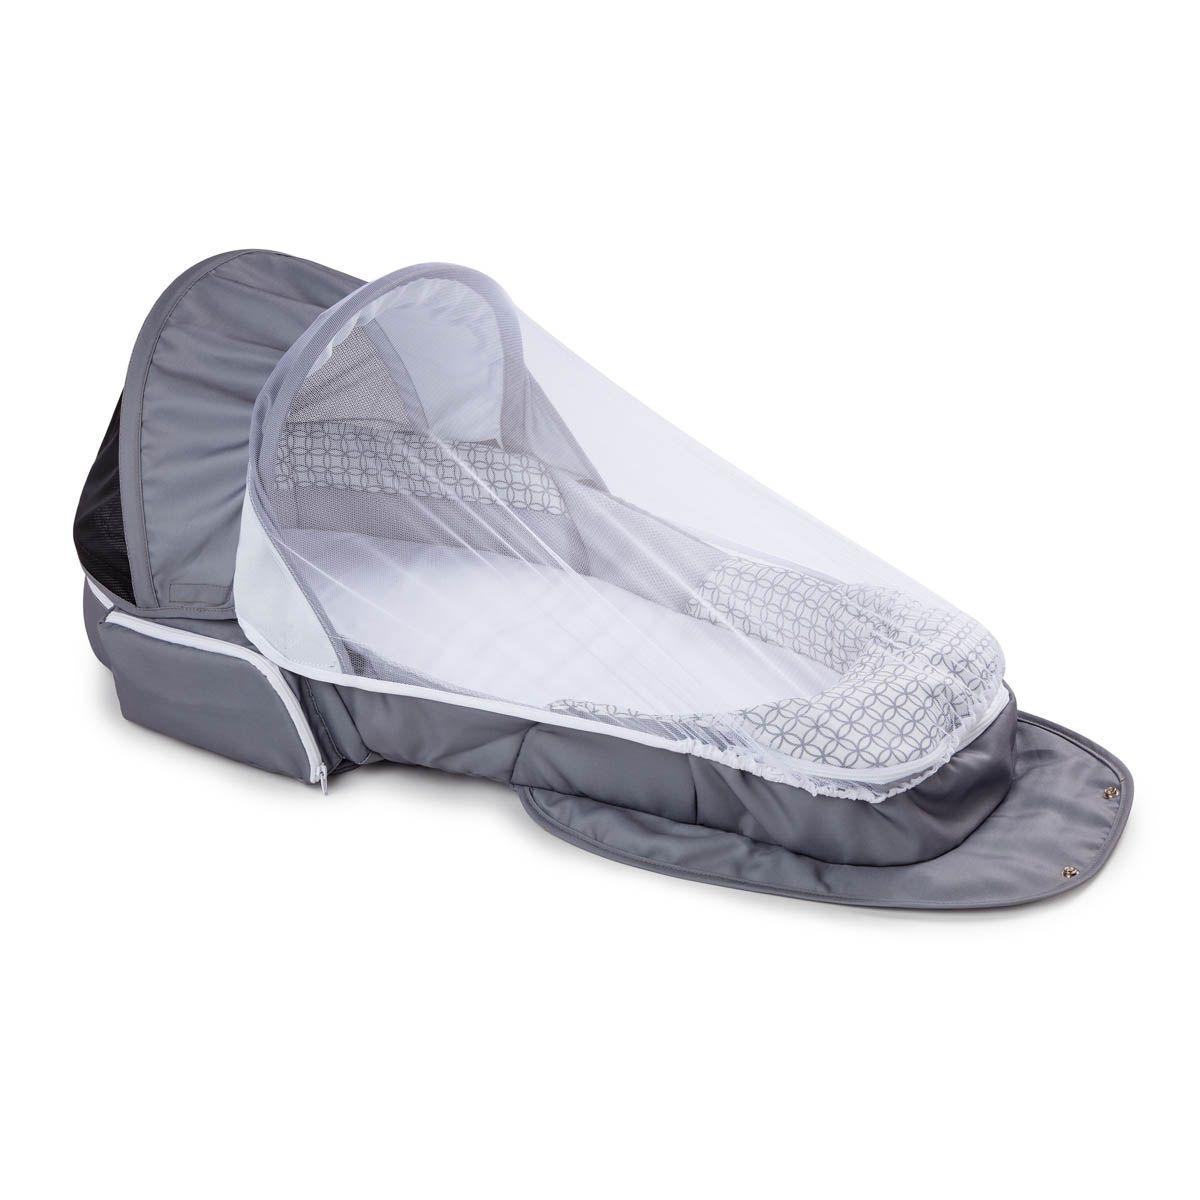 Baby Delight Snuggle Nest Traveler Portable Infant Sleeper in Grey Diamond